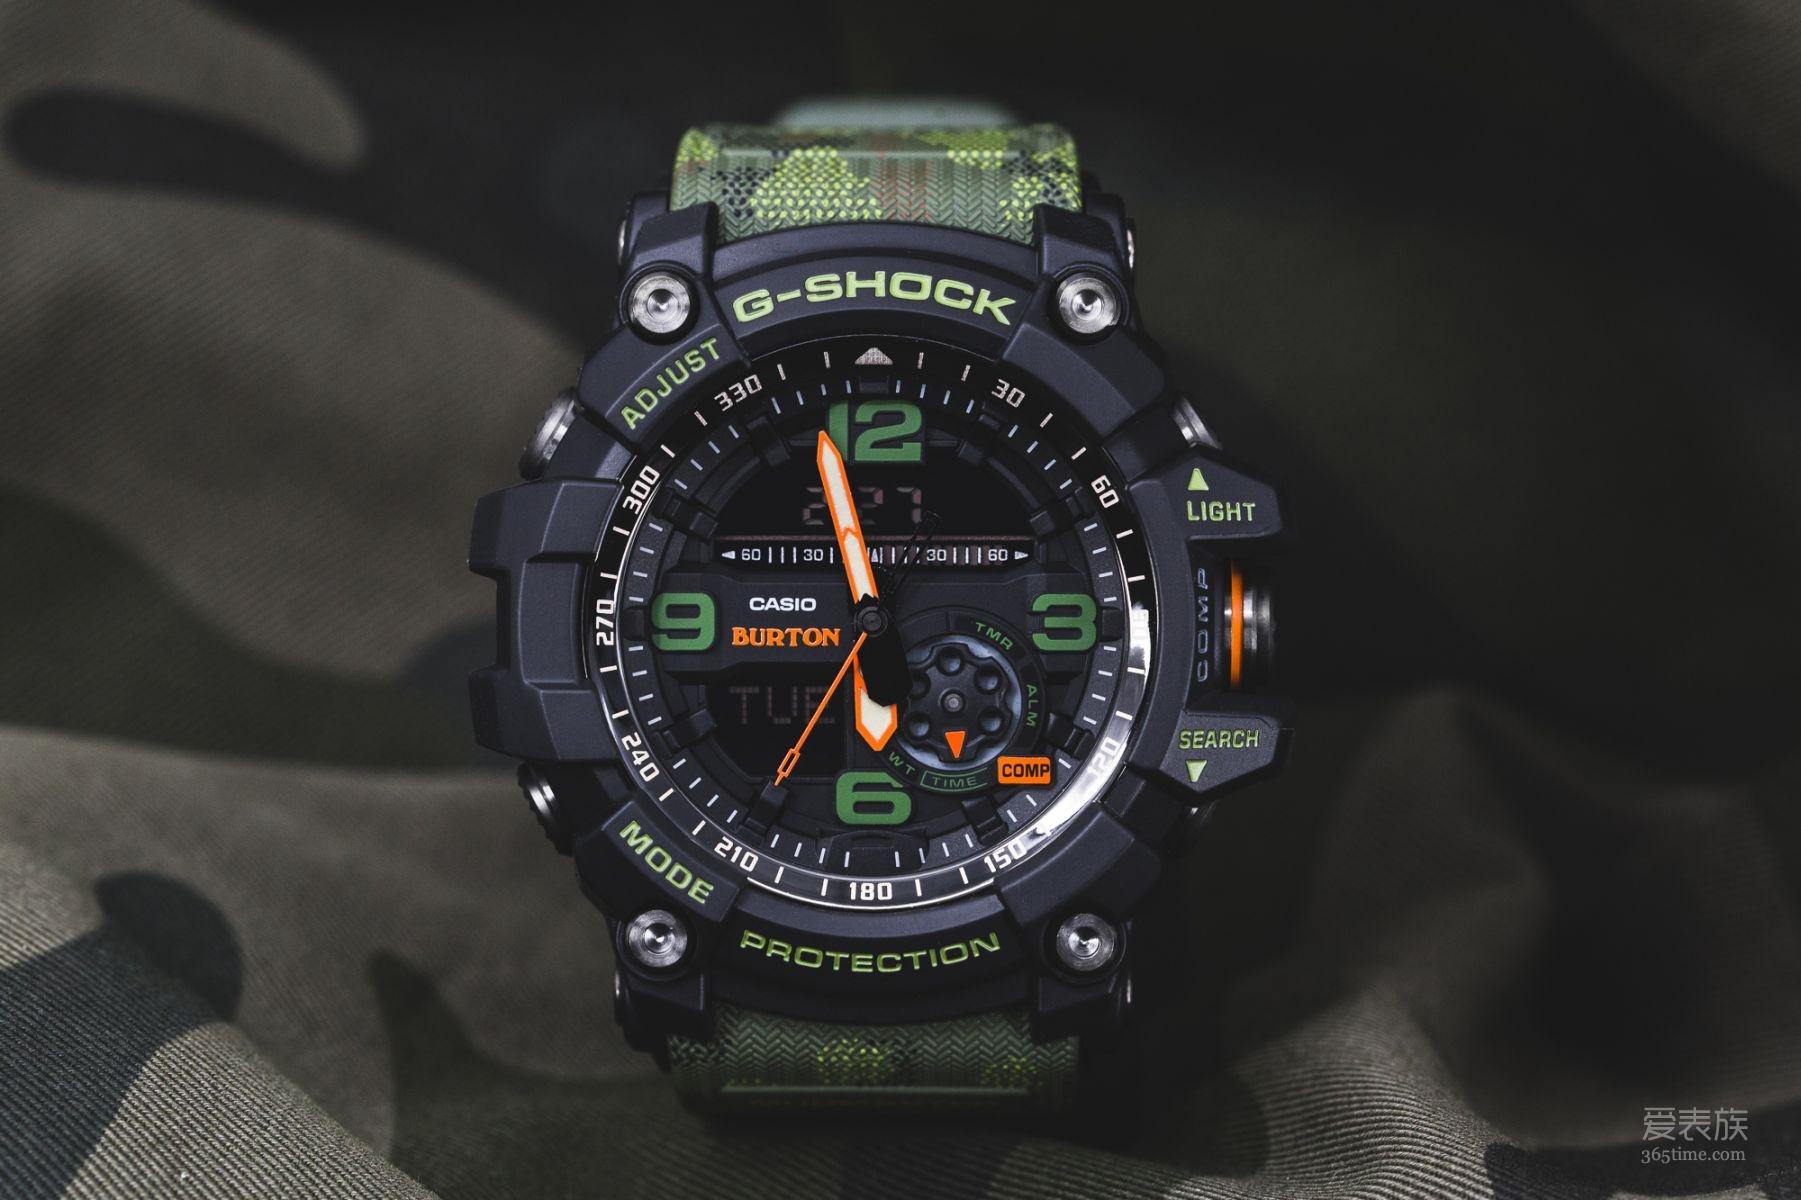 G-SHOCK三度携手美国知名雪板创始品牌BURTON,推出极地机能联名表款GG-1000BTN